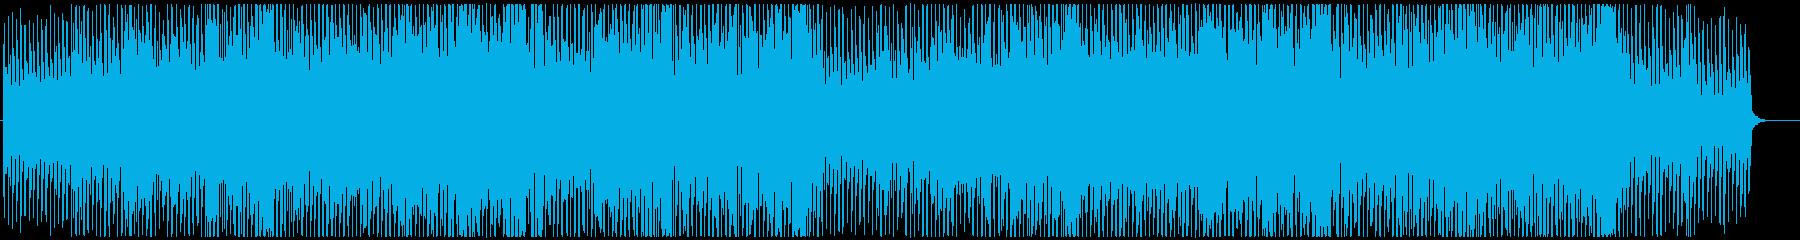 少し浮遊感のあるEDM(ダンス系)ですの再生済みの波形